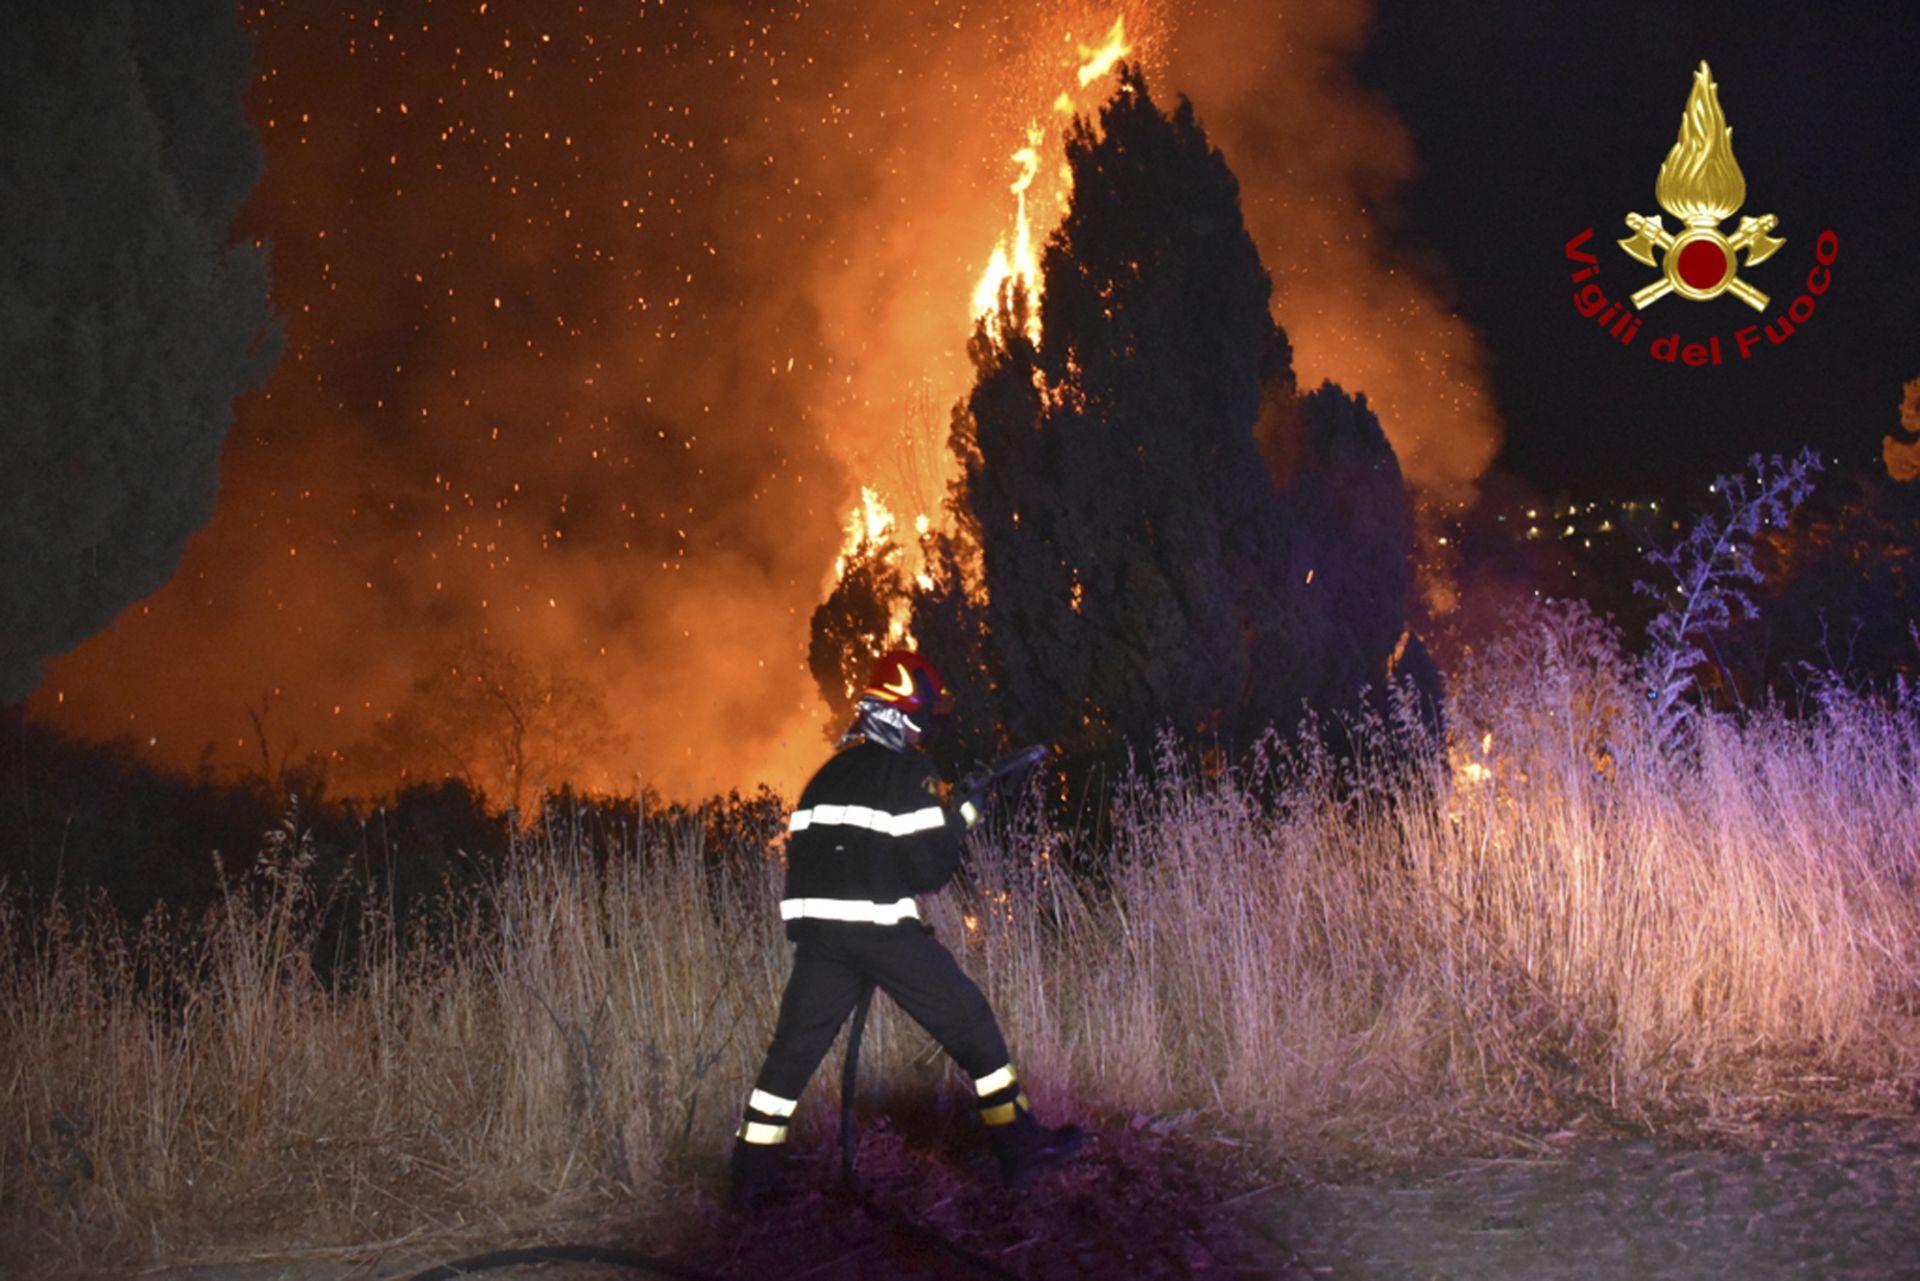 Пожар край Петралия Сопрана, в горната част на Мадоние, близо до Палермо